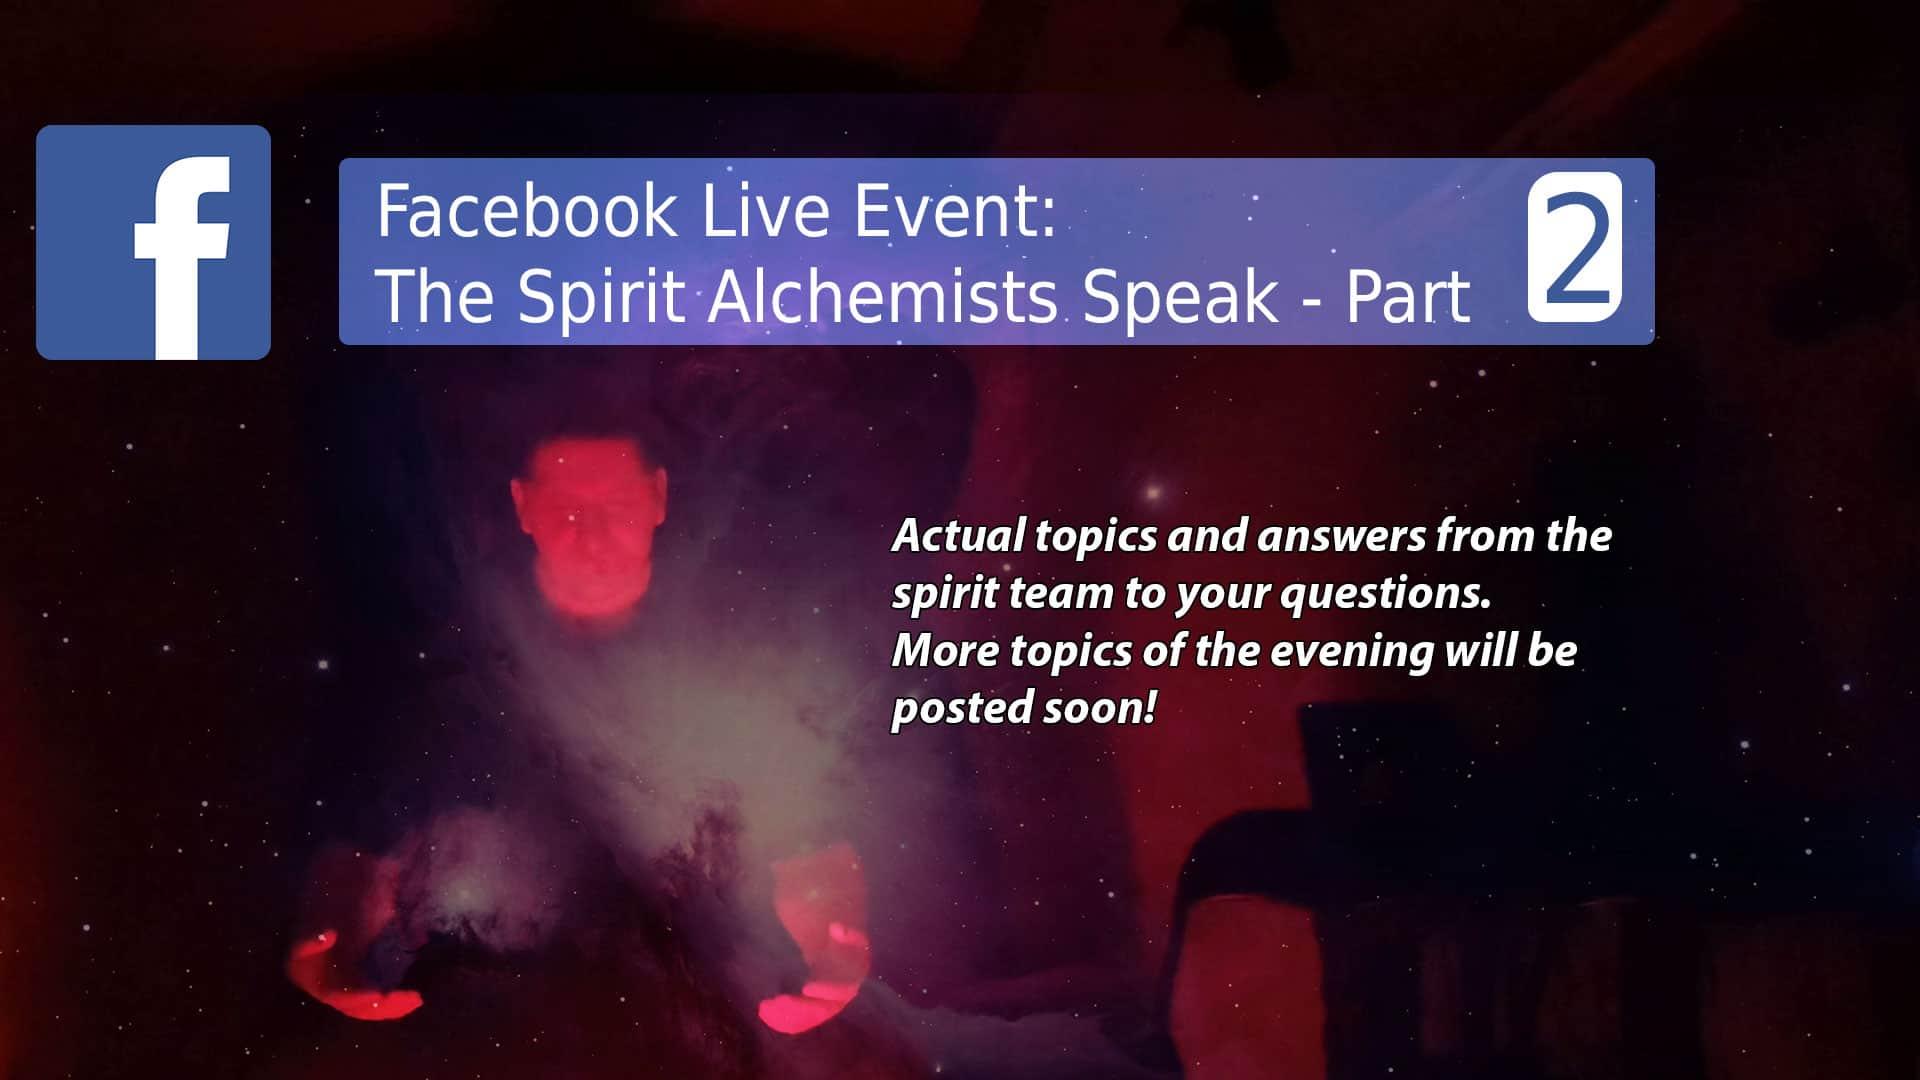 Alchemists speak 2